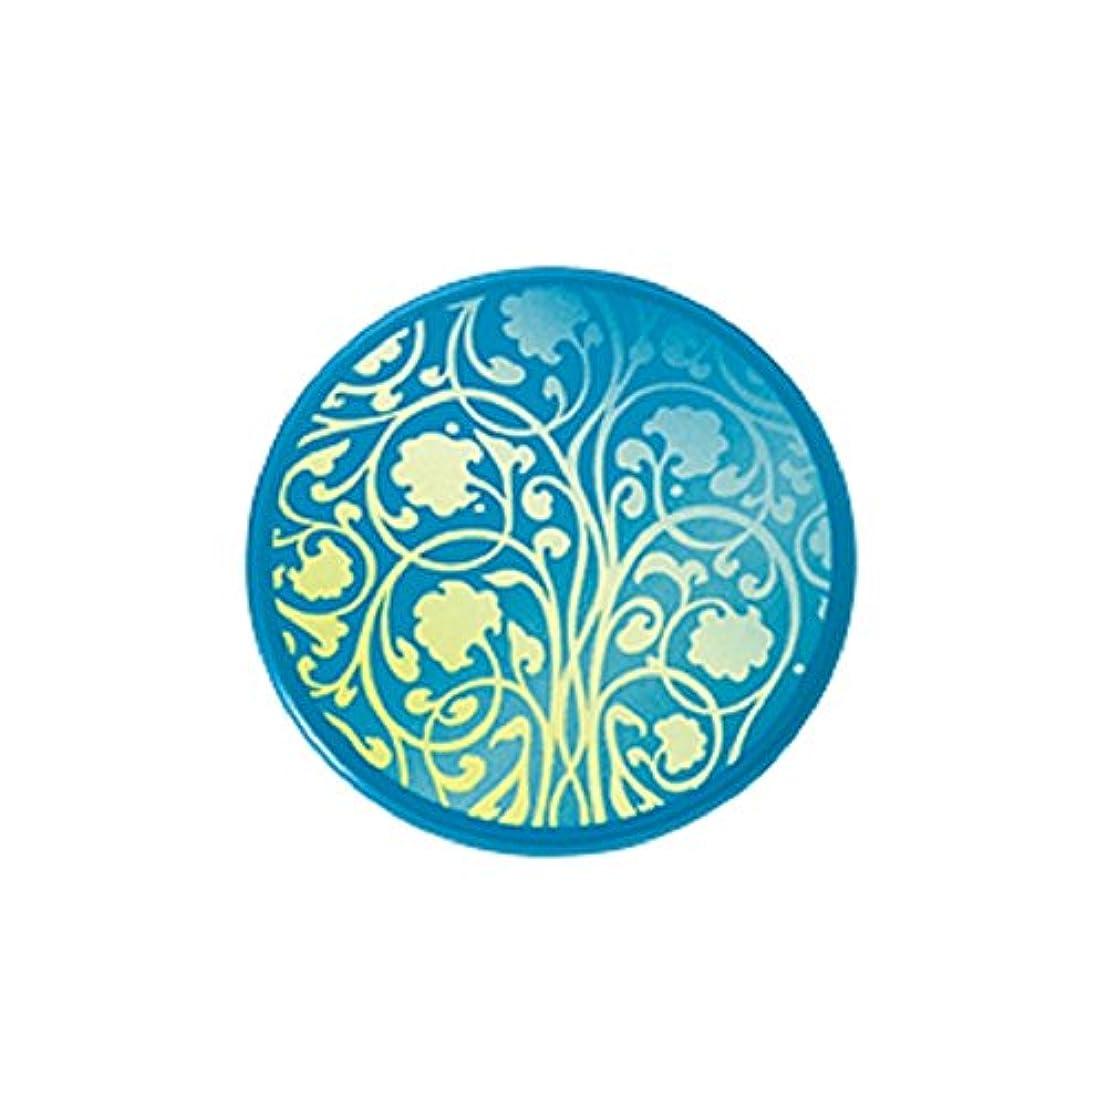 モート受け継ぐ継続中アユーラ (AYURA) ウェルフィット アロマバーム 14g 〈ソリッドパヒューム〉 心地よい森林の香気